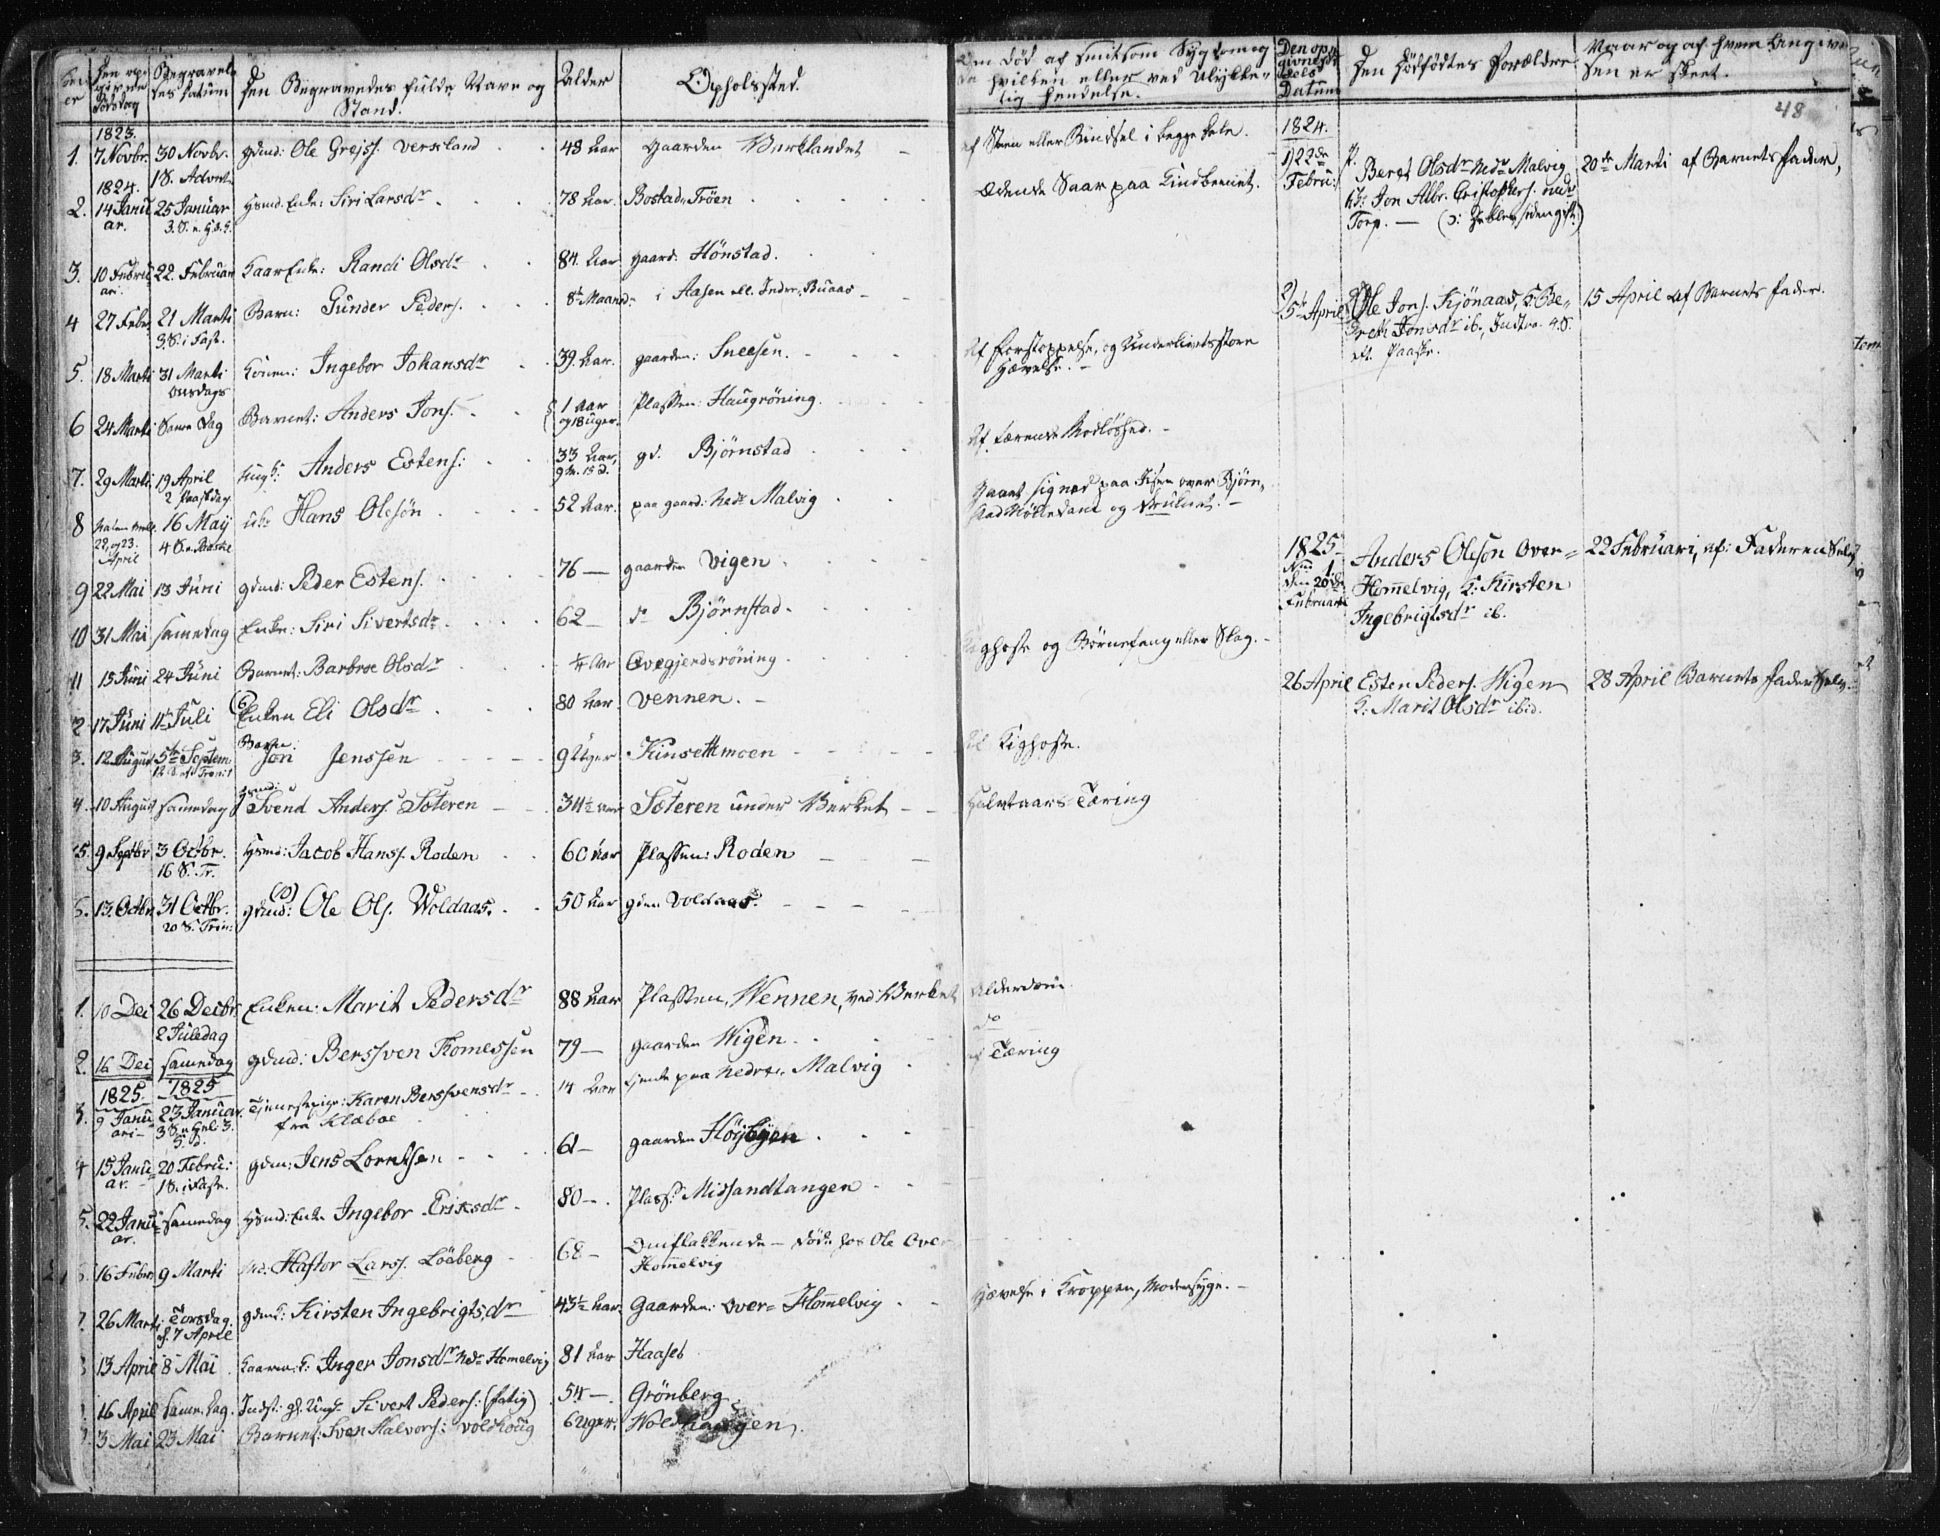 SAT, Ministerialprotokoller, klokkerbøker og fødselsregistre - Sør-Trøndelag, 616/L0404: Ministerialbok nr. 616A01, 1823-1831, s. 48